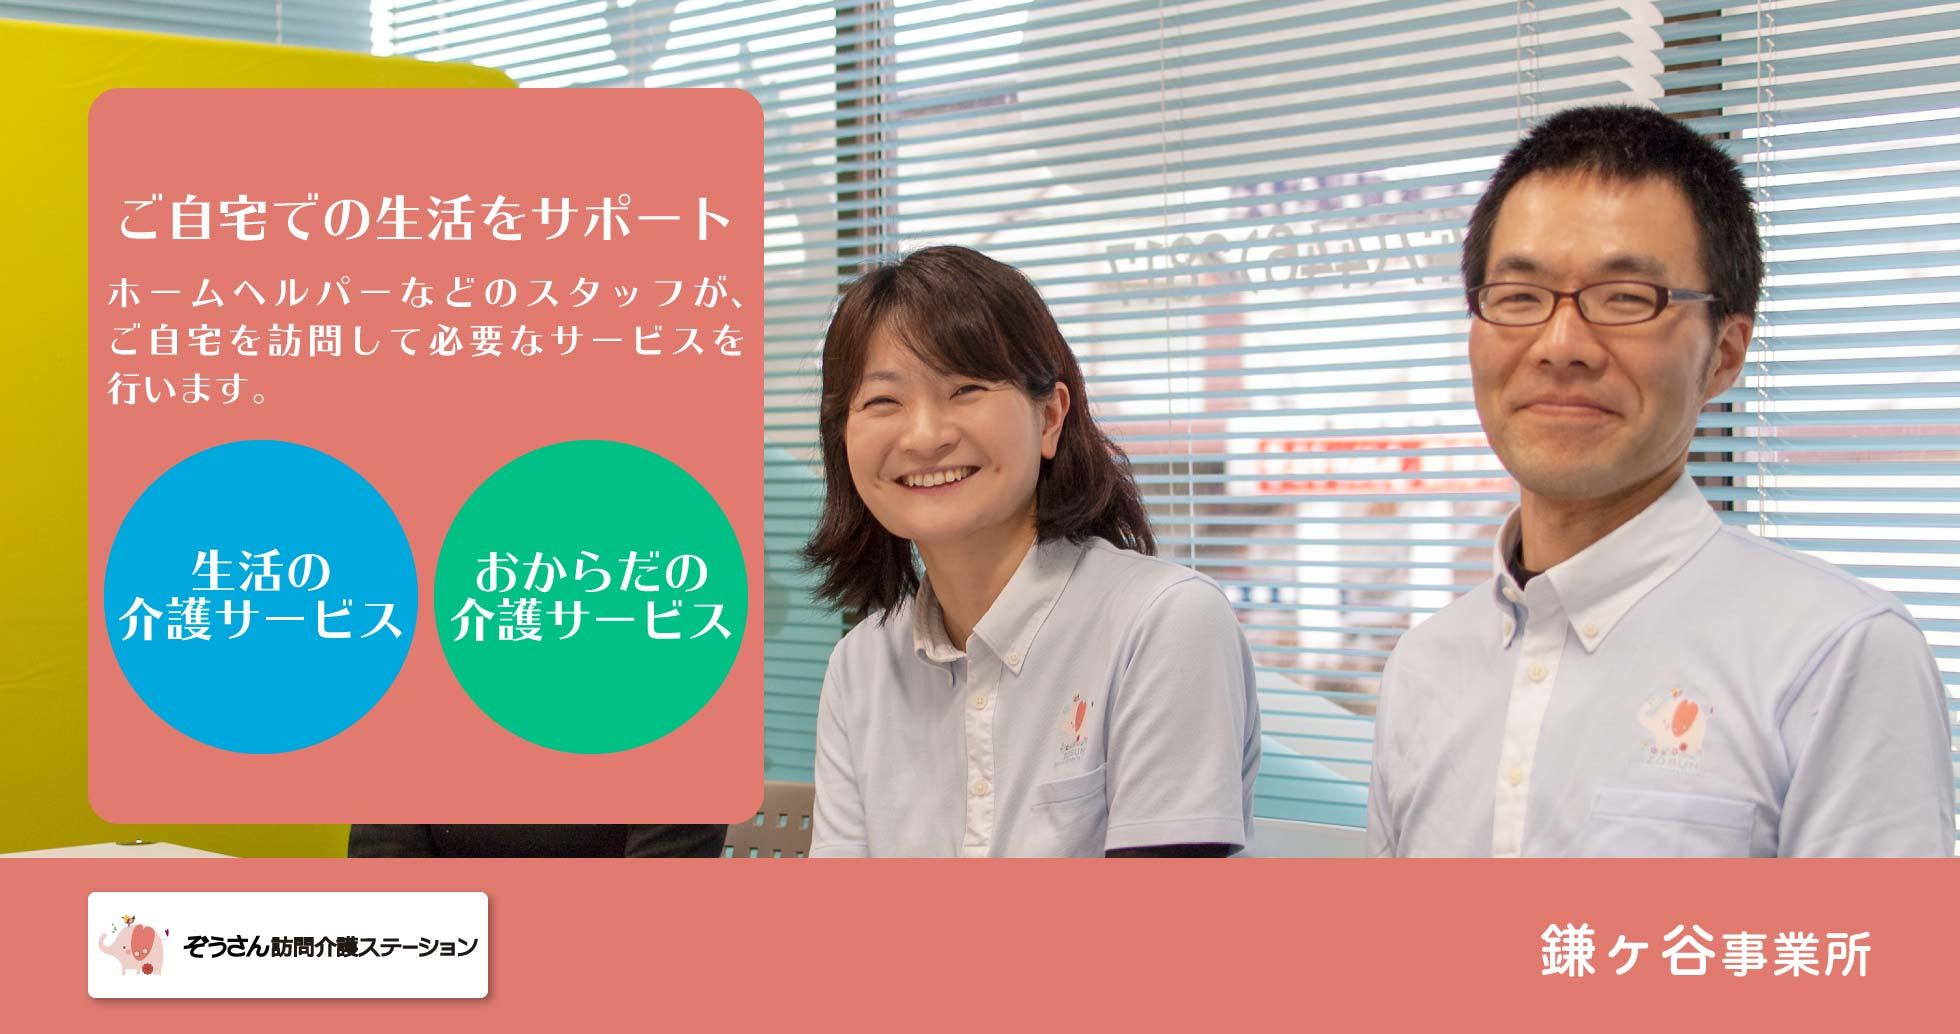 ぞうさん訪問介護ステーション(千葉県鎌ケ谷市)